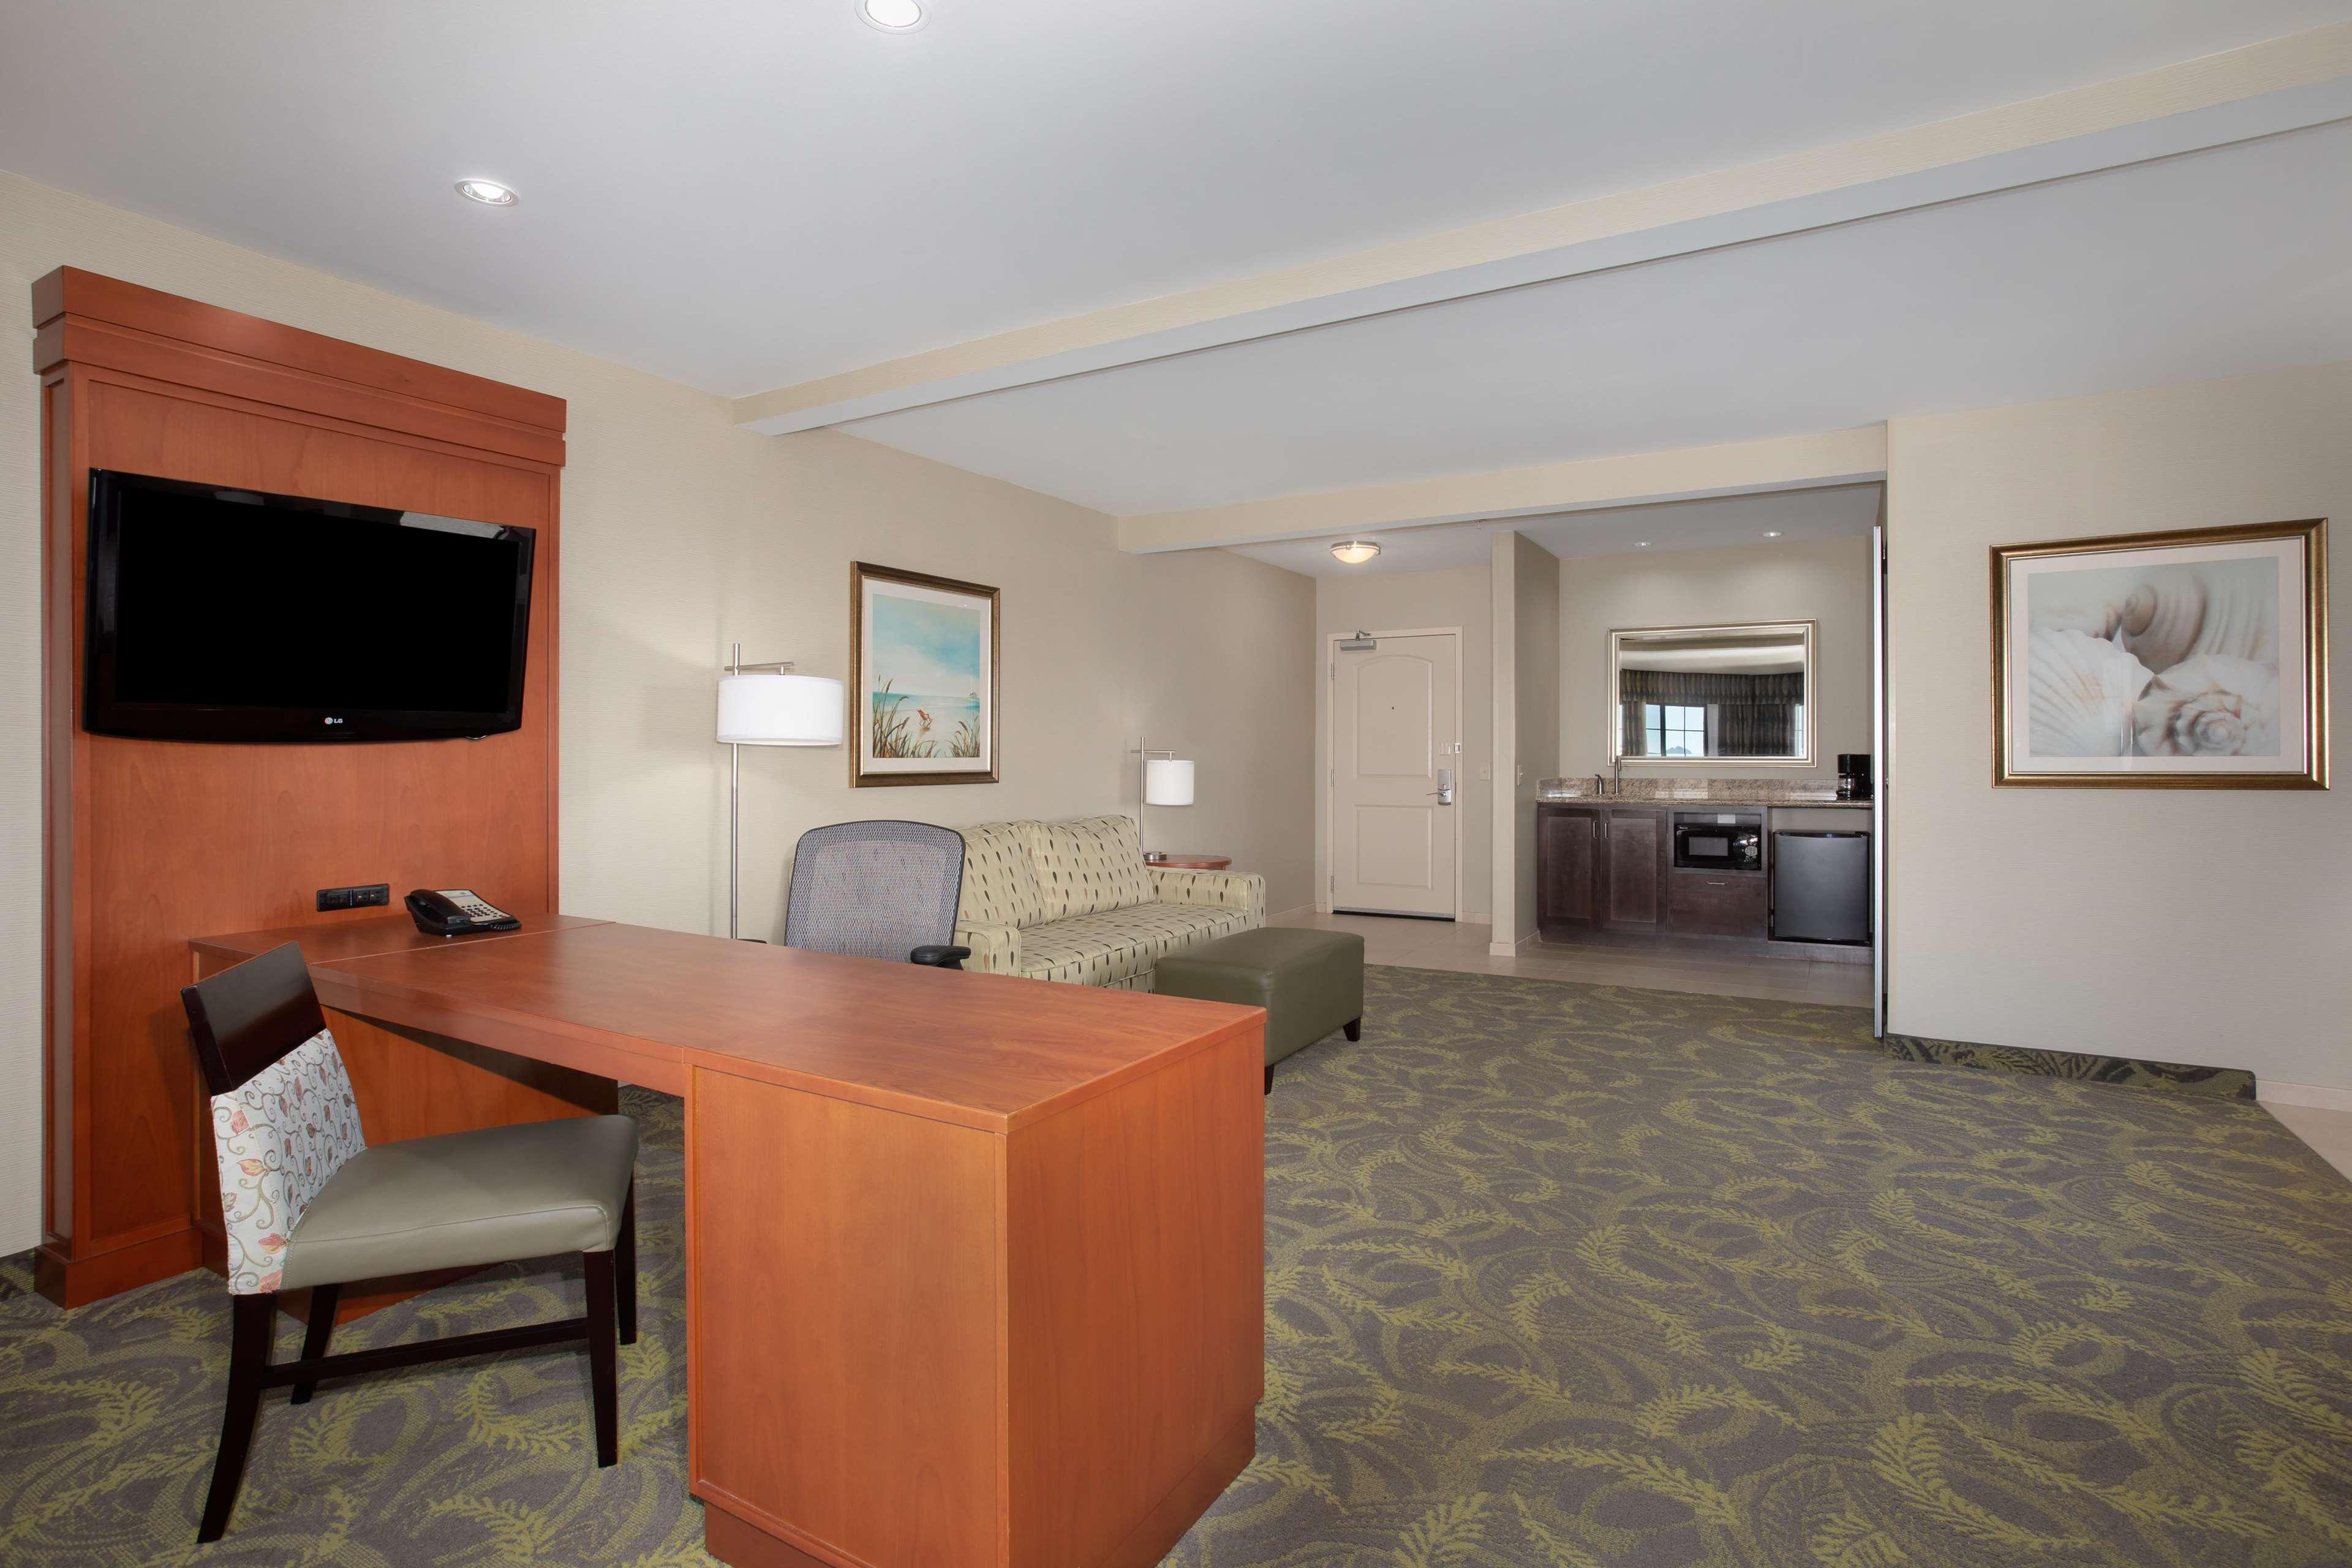 Hampton Inn & Suites Astoria image 13